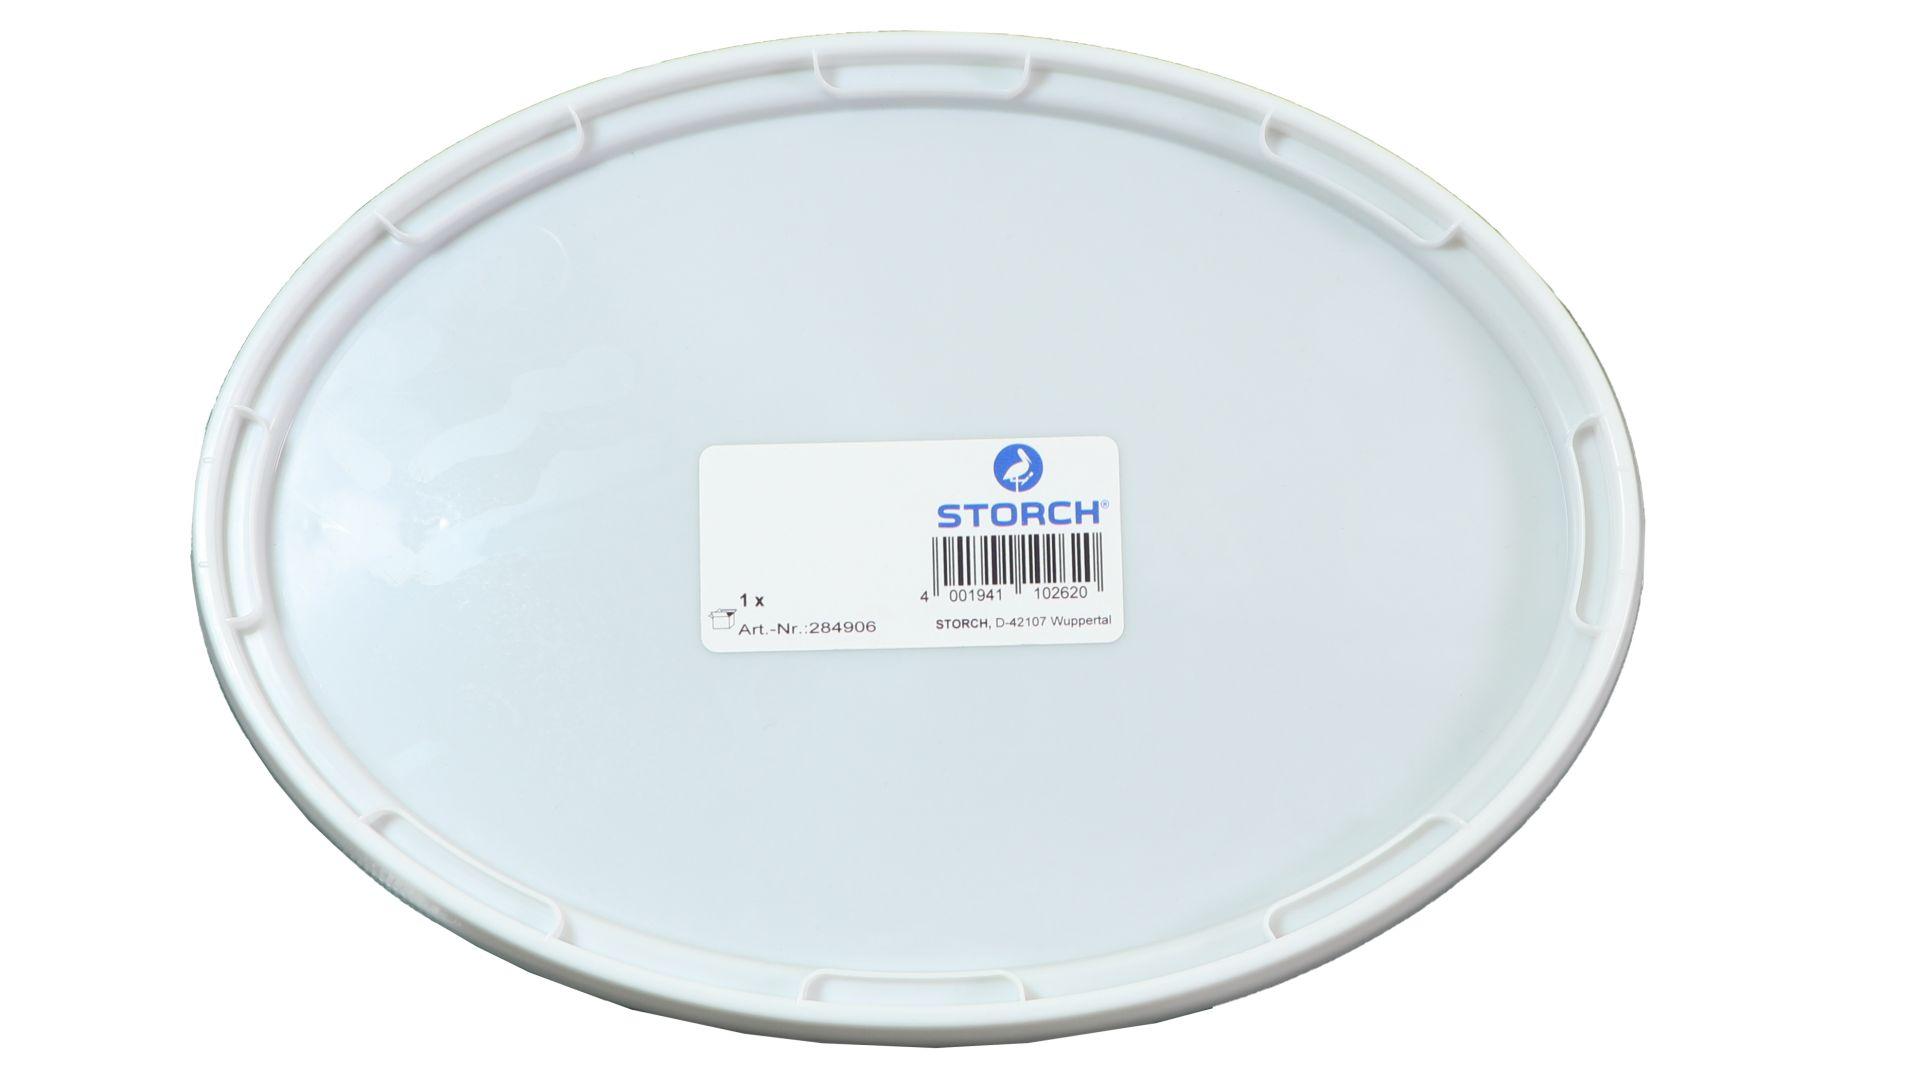 STORCH Deckel für Farbeimer, oval, 5 l, Kunststoff, weiß